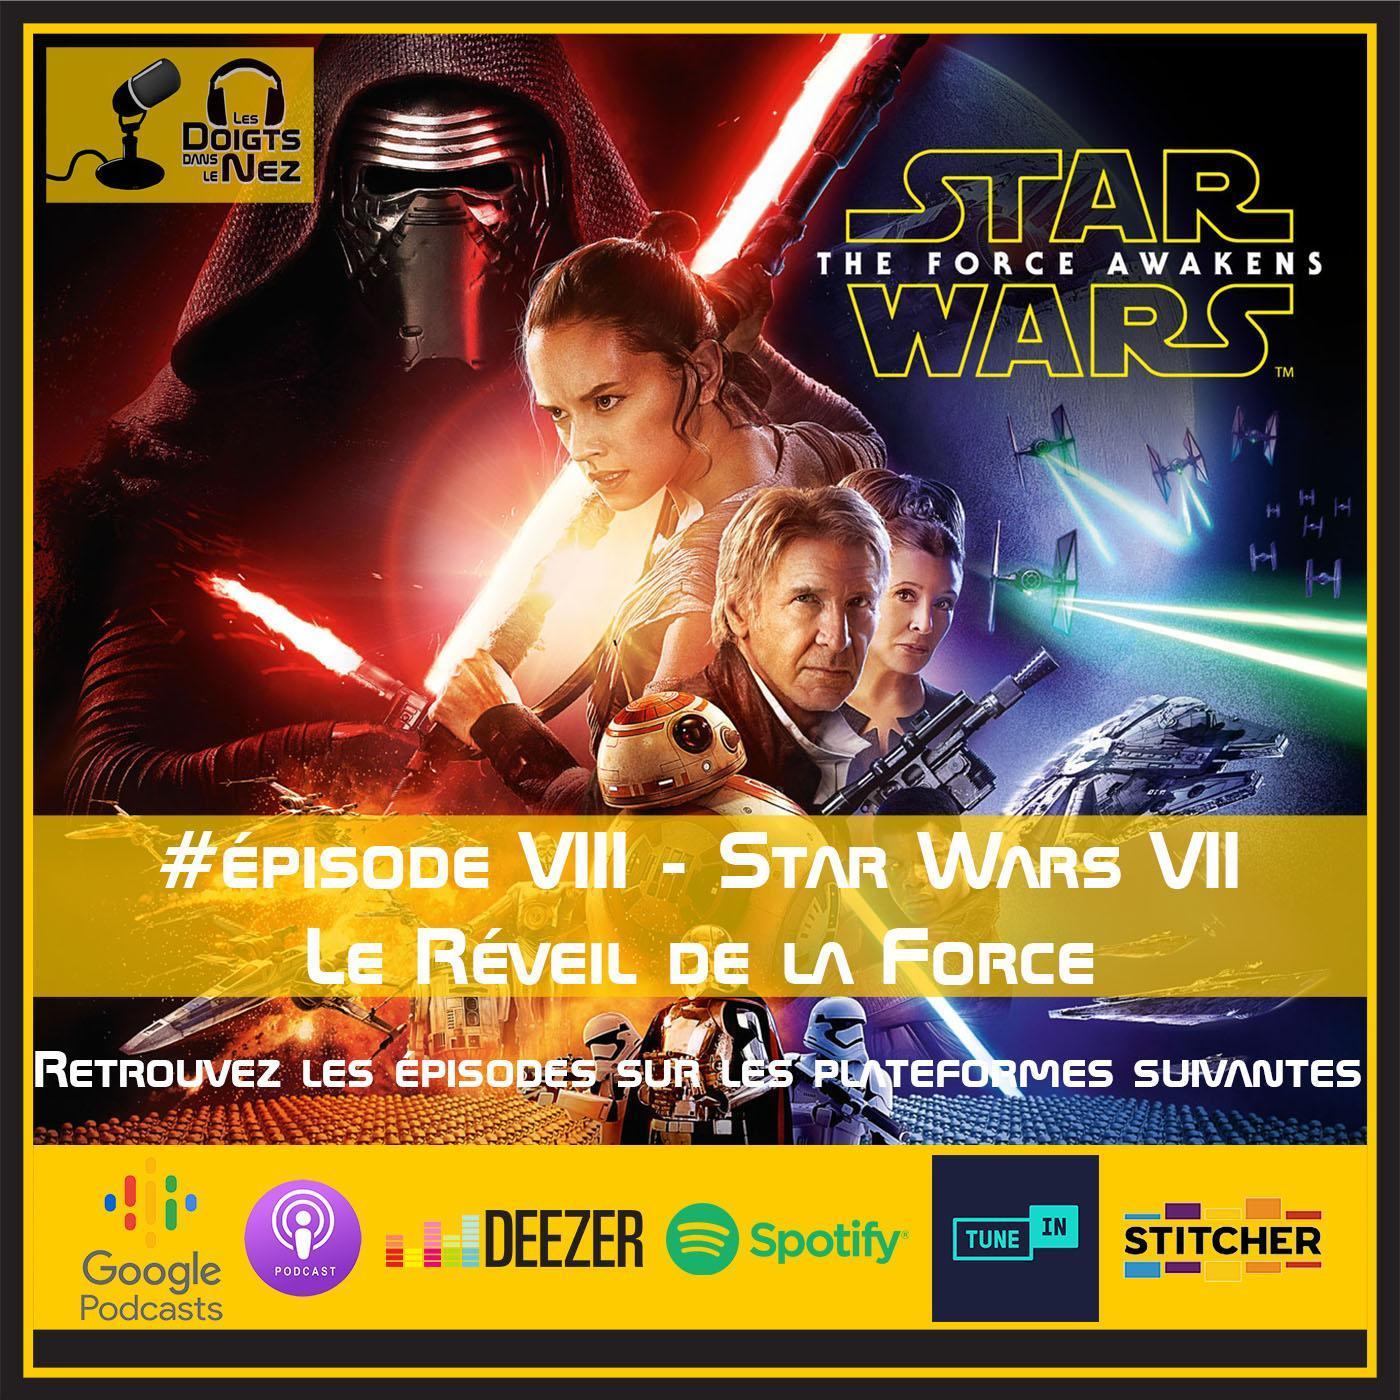 #Episode VIII - Star Wars Episode VII - Le Réveil de la Force